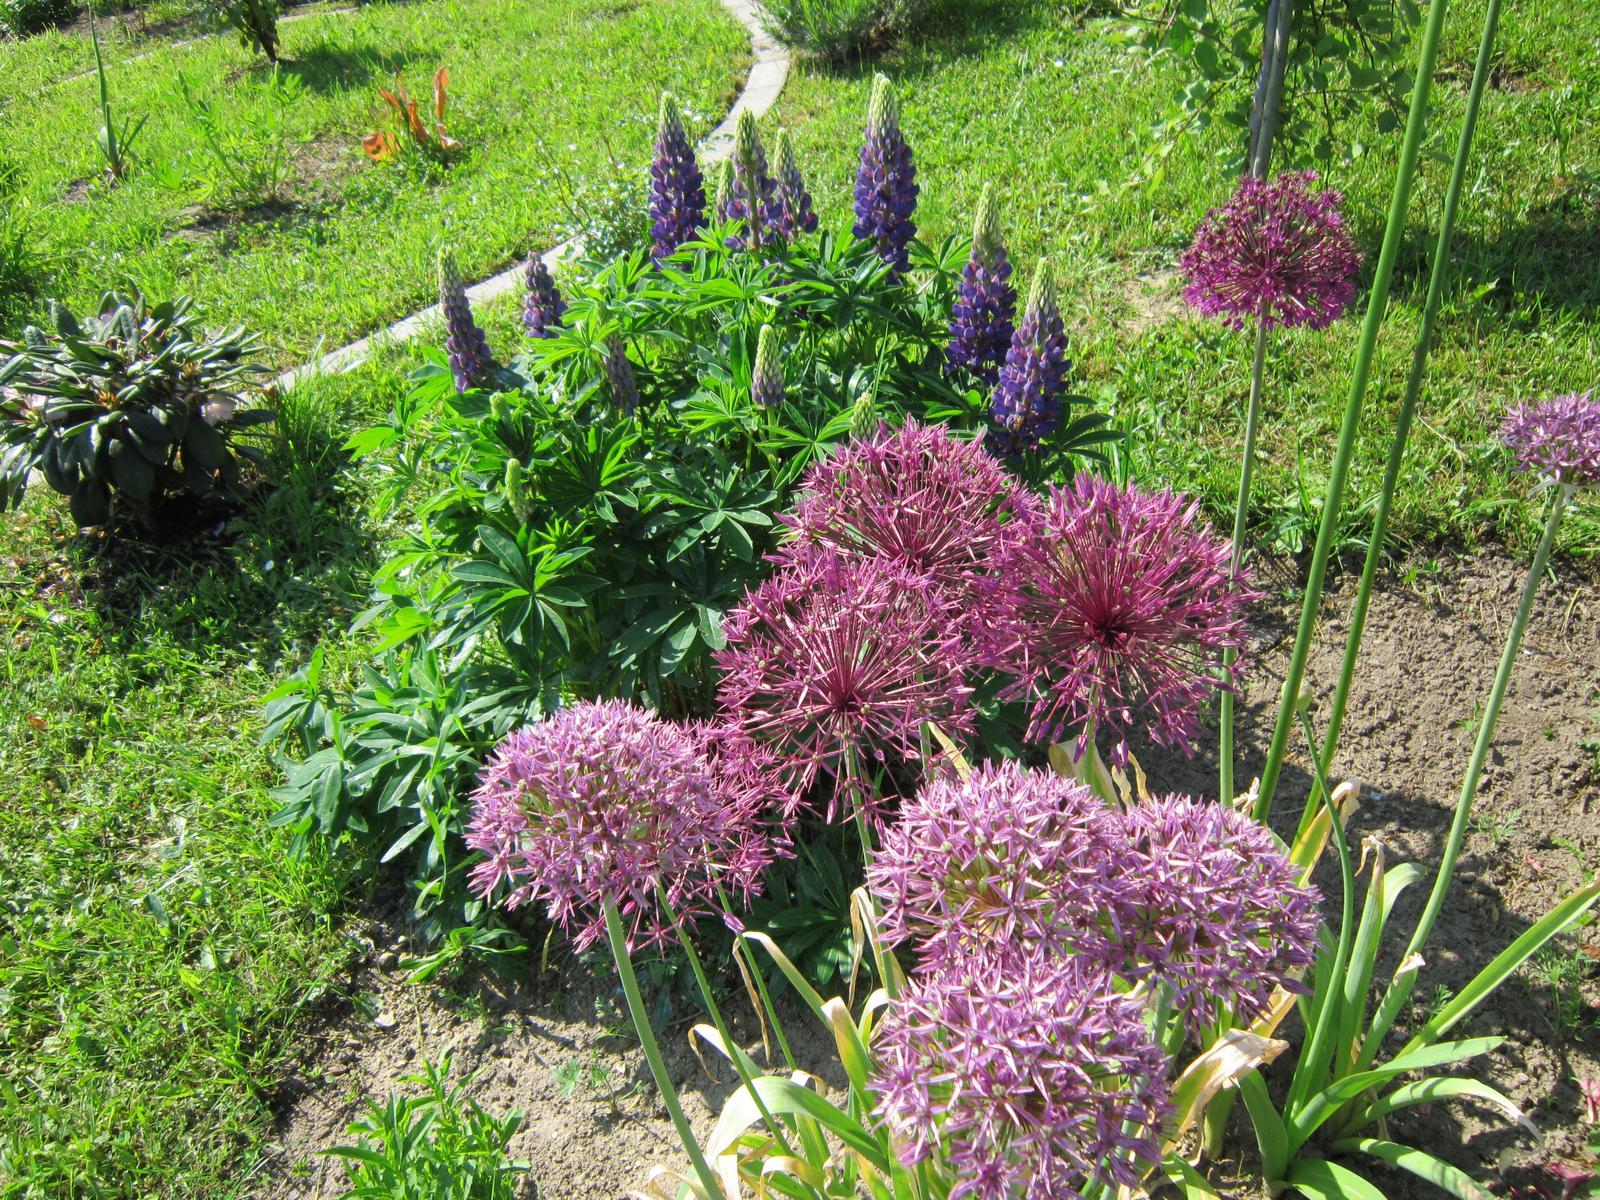 Moja záhrada...ako šiel čas - Obrázok č. 78